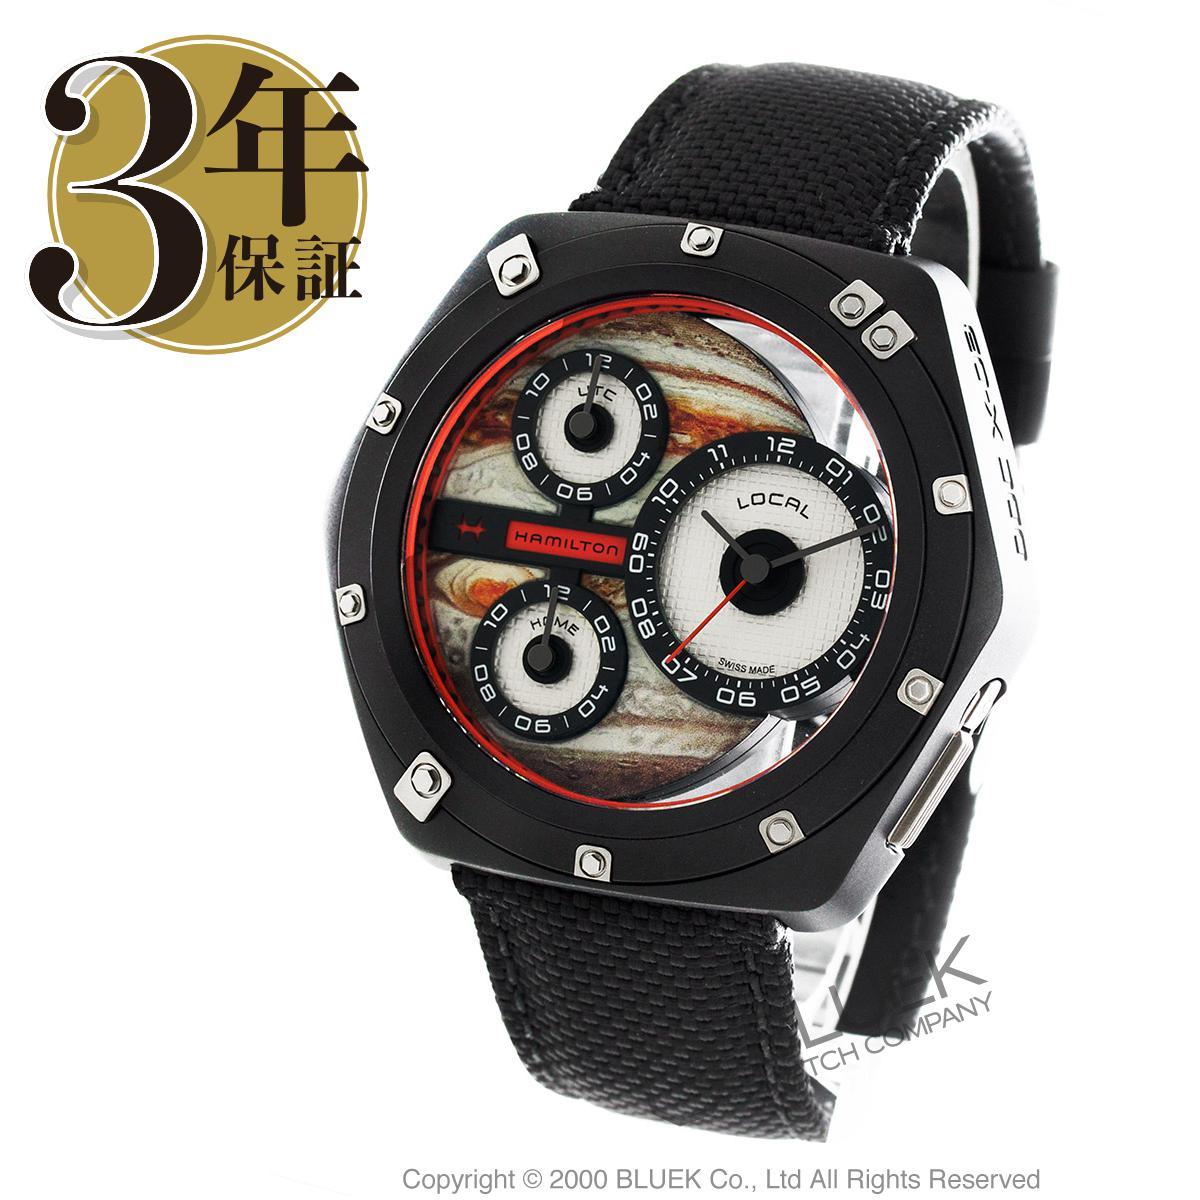 ハミルトン アメリカンクラシック ODC X-03 世界限定999本 腕時計 メンズ HAMILTON H51598990_3